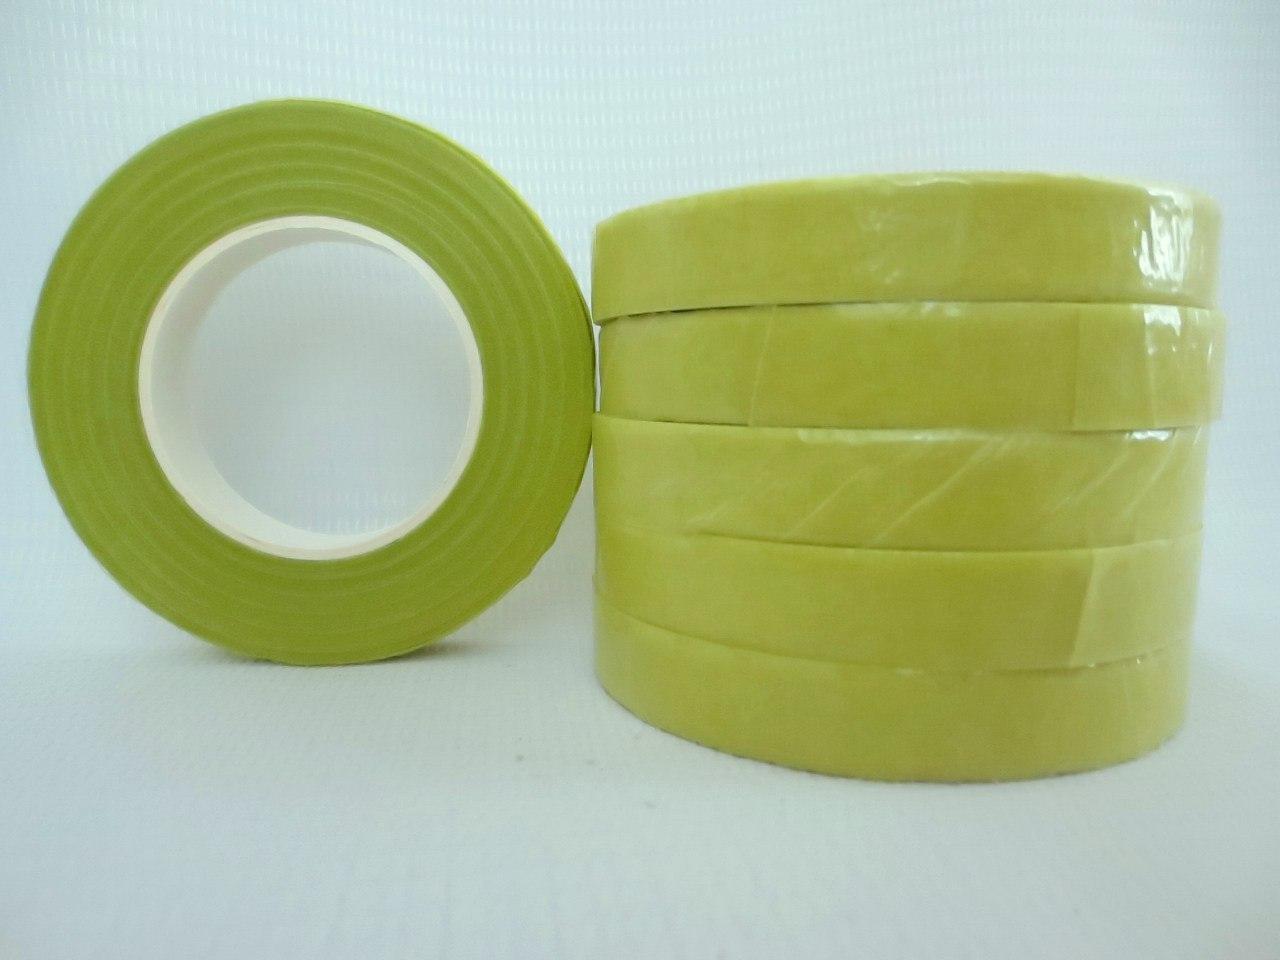 Тейп лента светлая оливка (флористическая лента) 12 мм